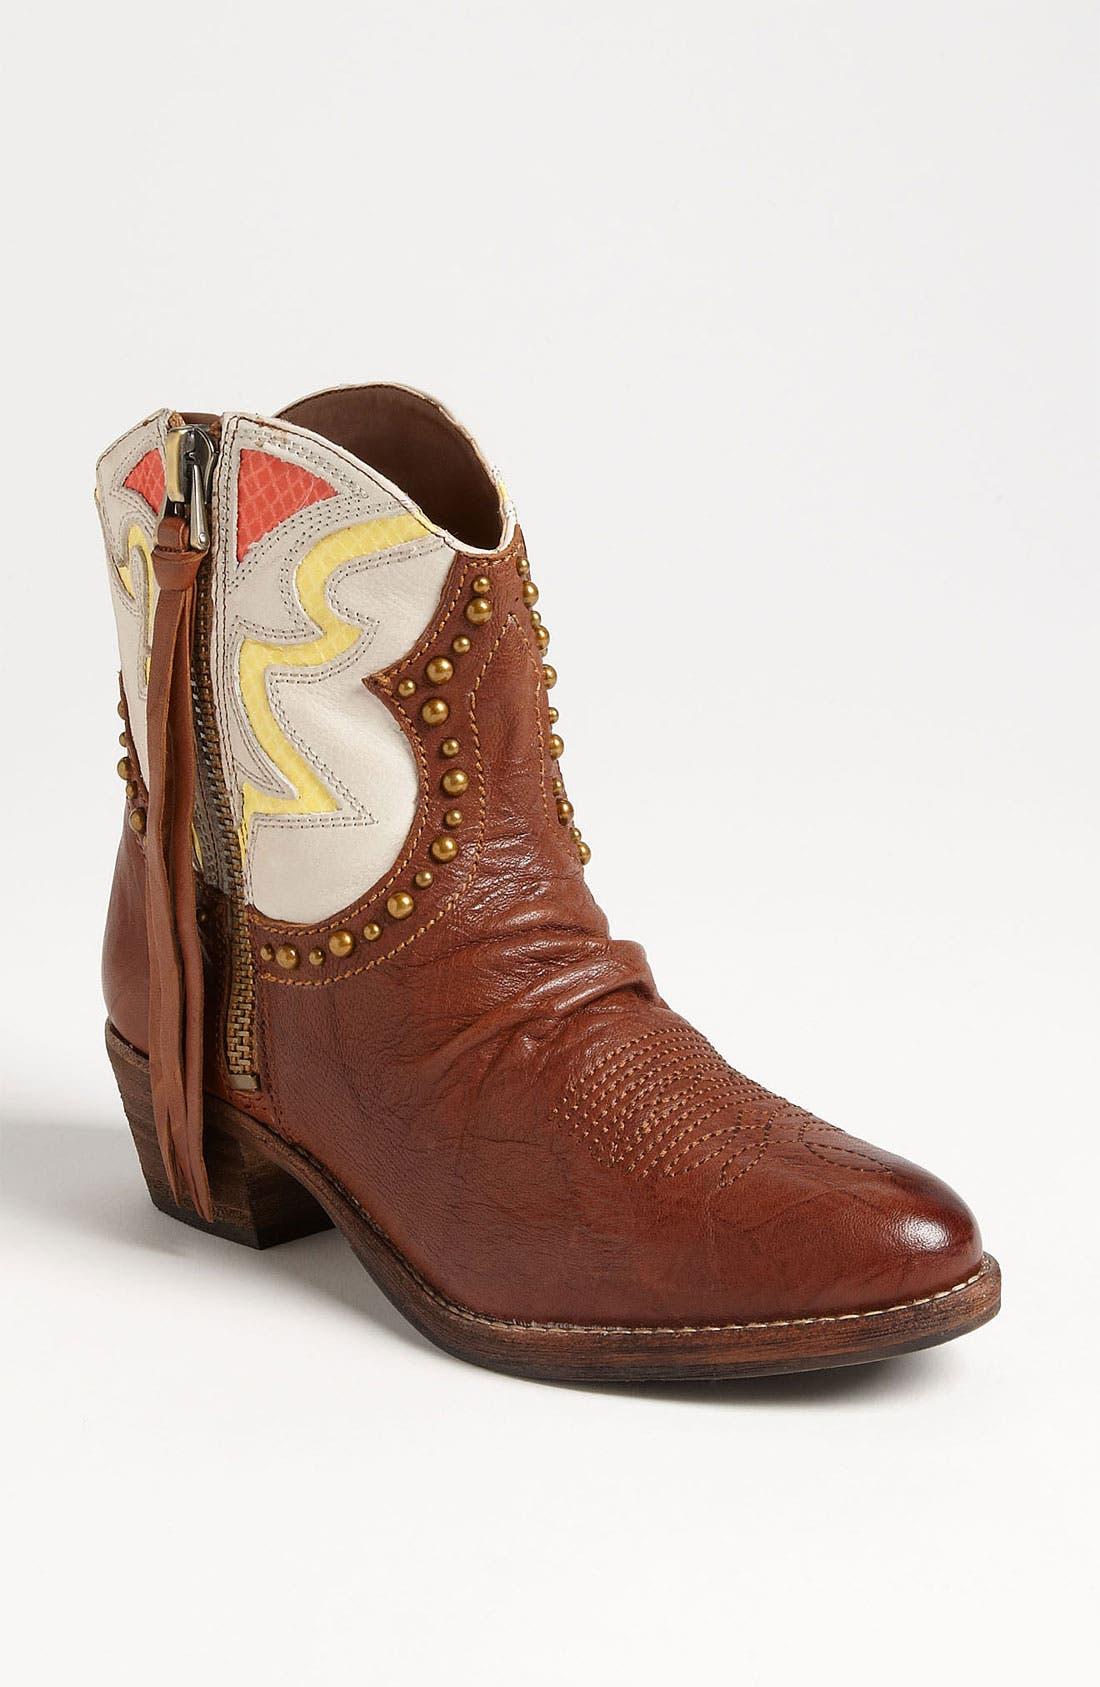 Alternate Image 1 Selected - Sam Edelman 'Shane' Boot